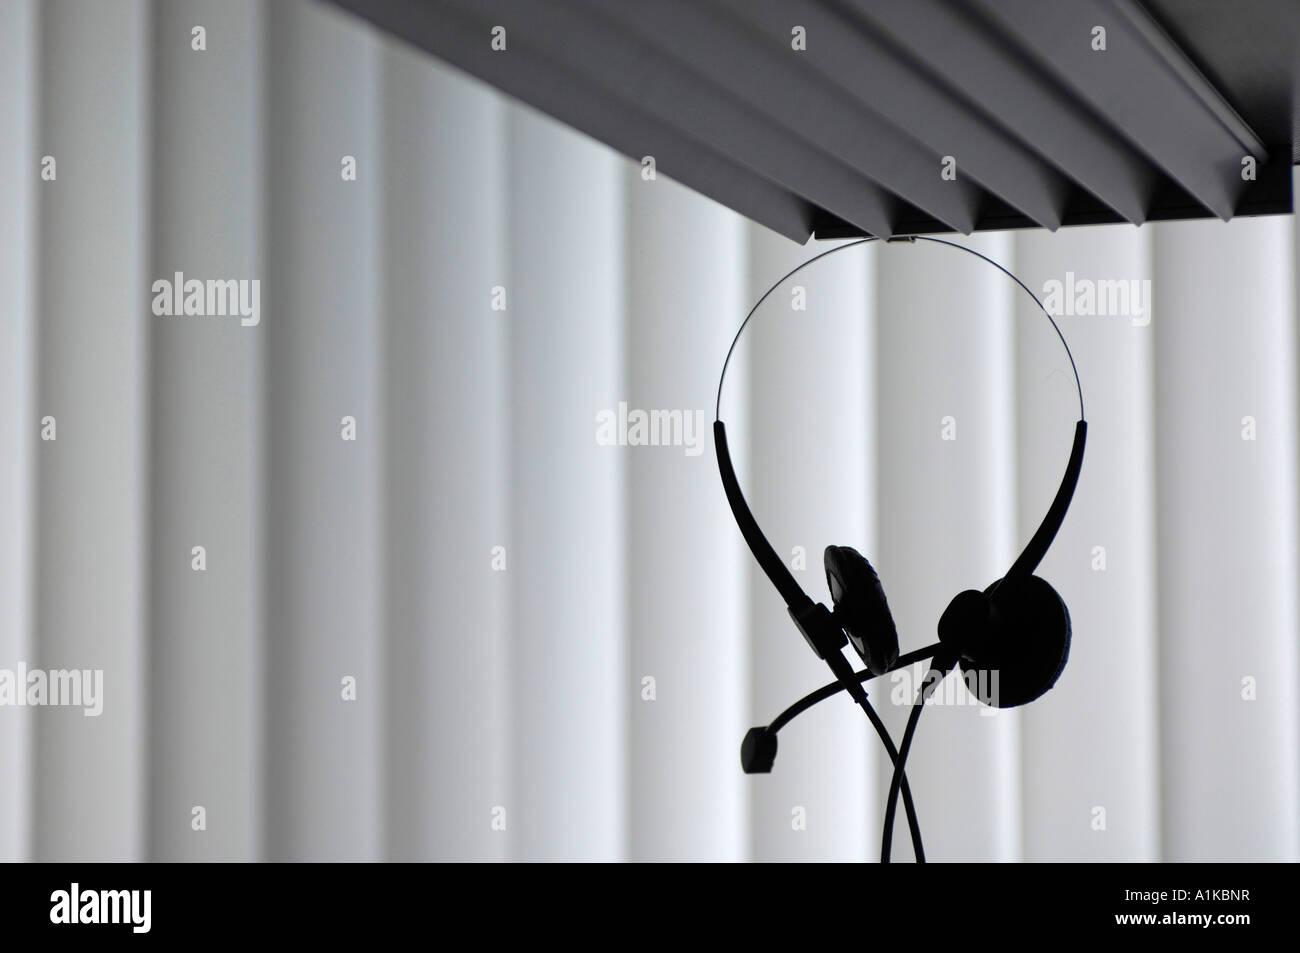 Il supporto tecnico. Cuffia telefonica in un ufficio Immagini Stock